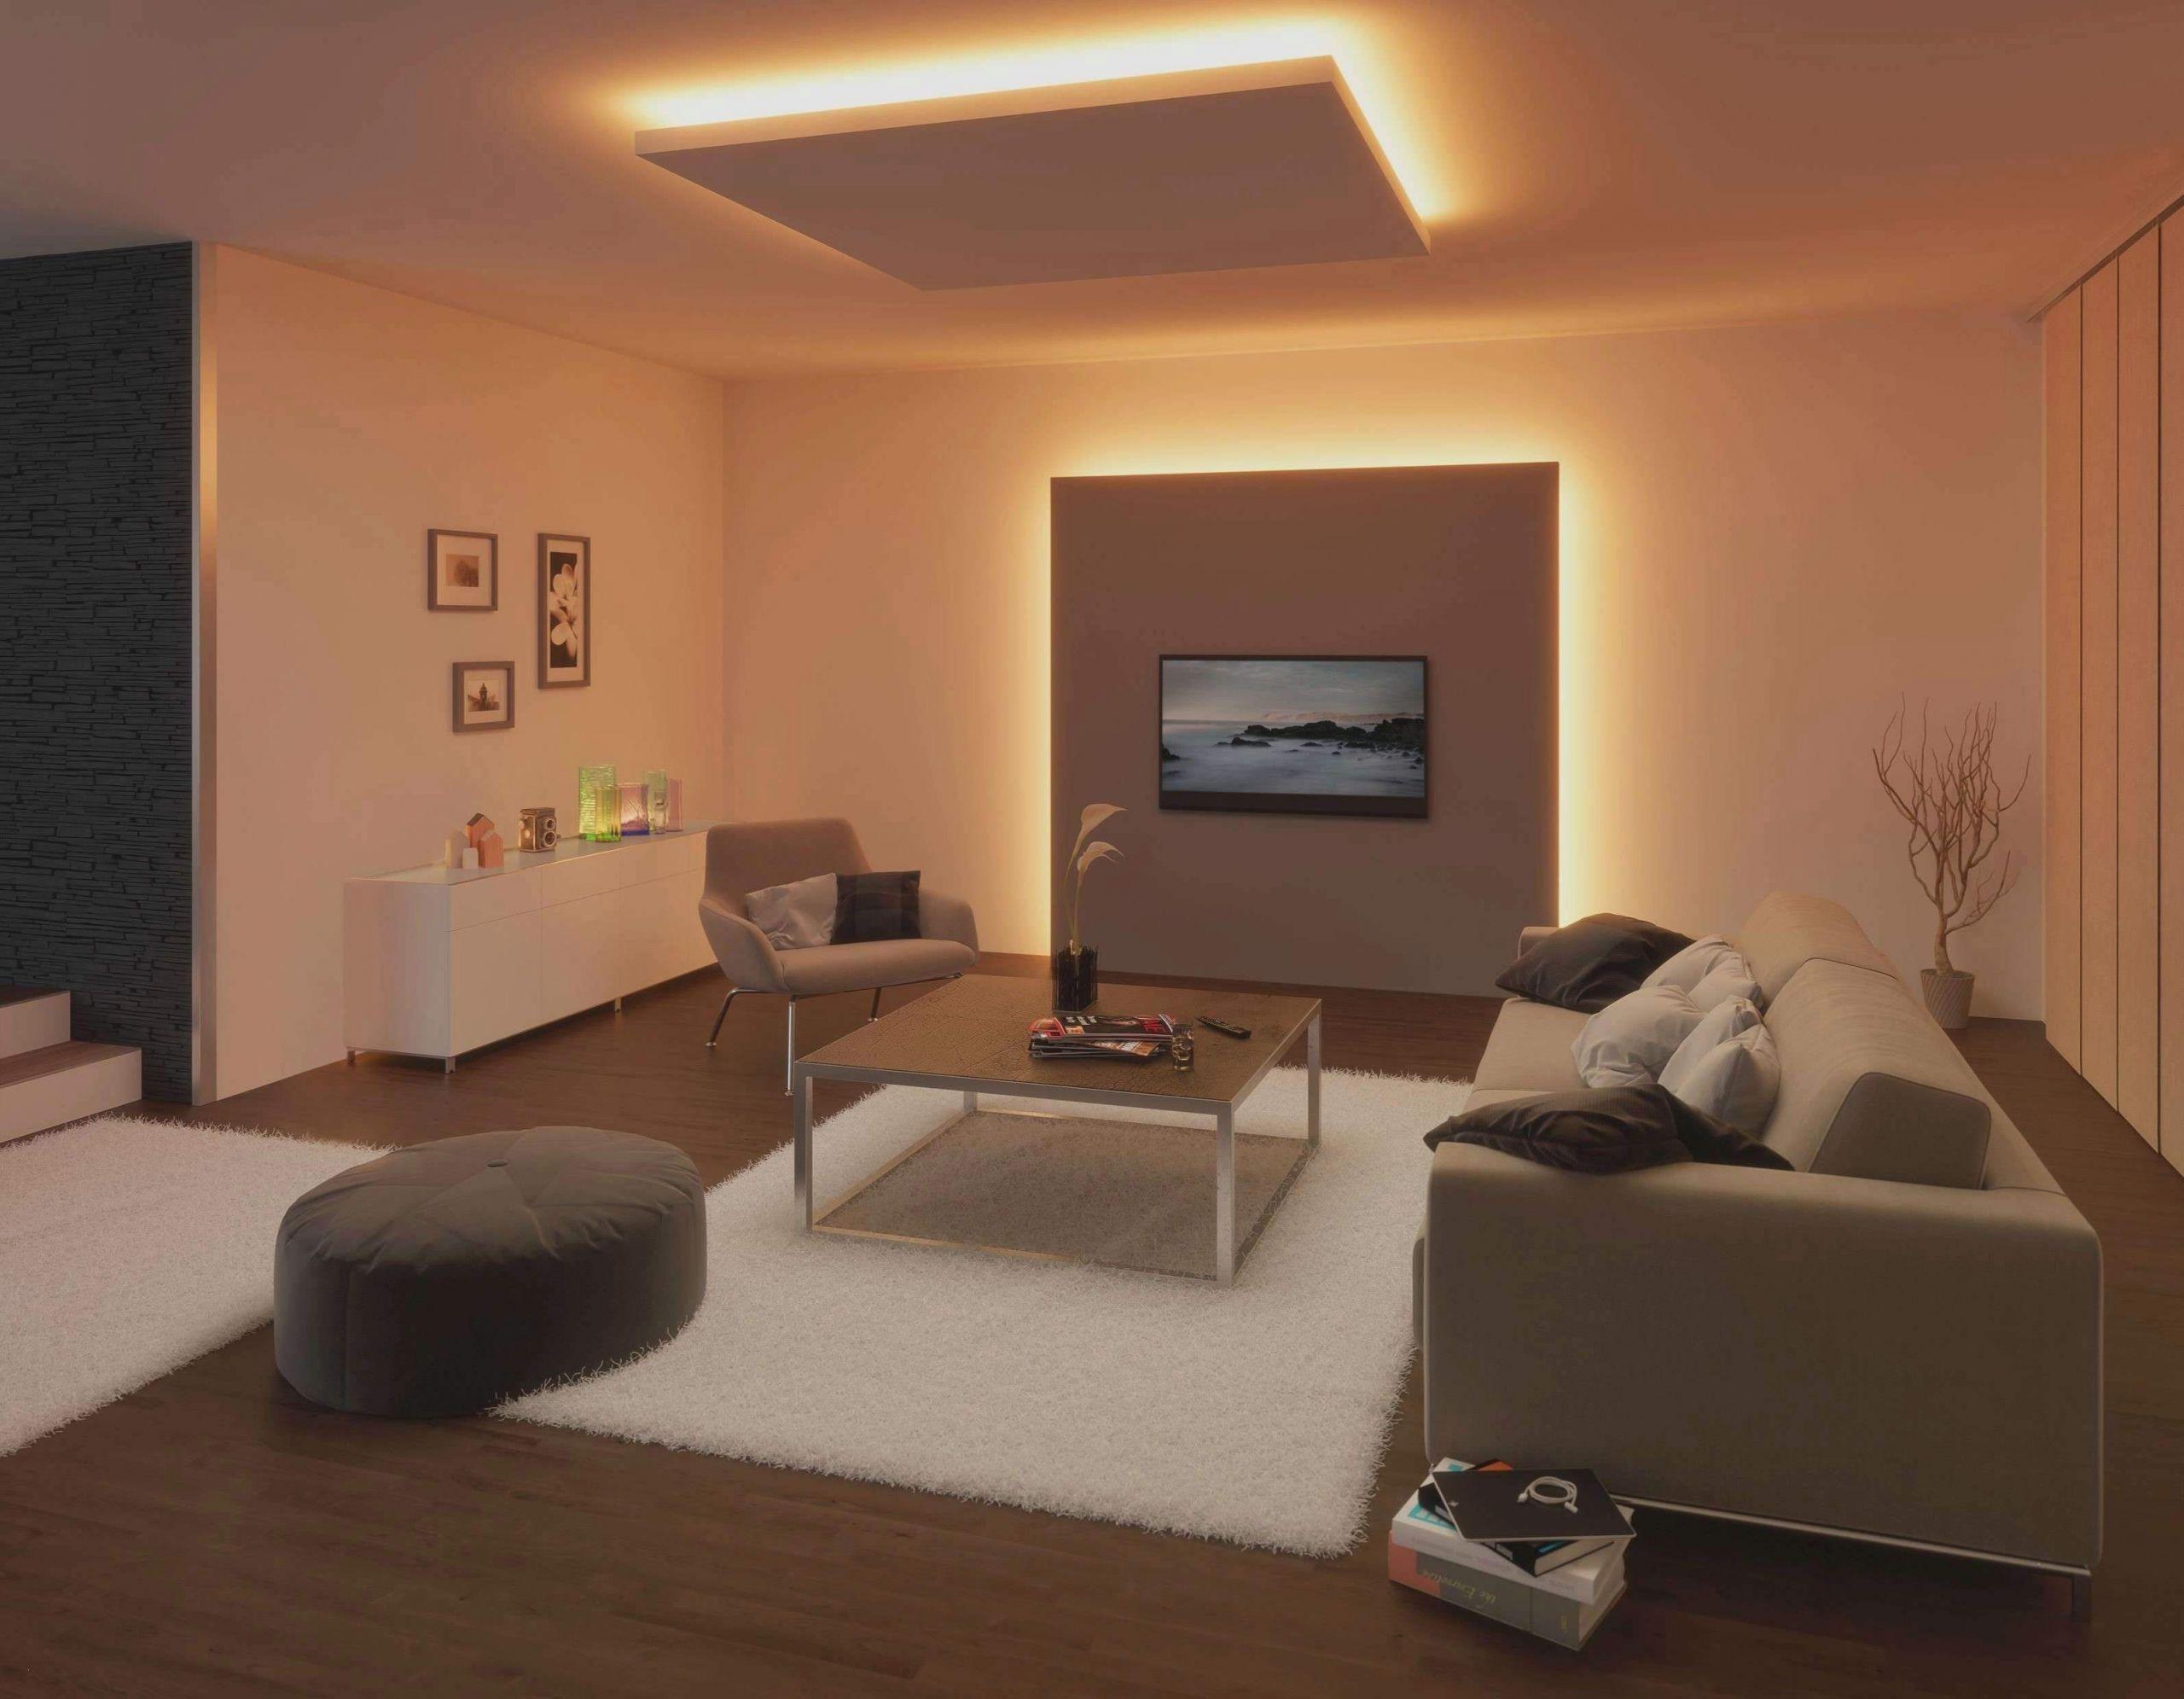 Stehlampe Wohnzimmer Modern